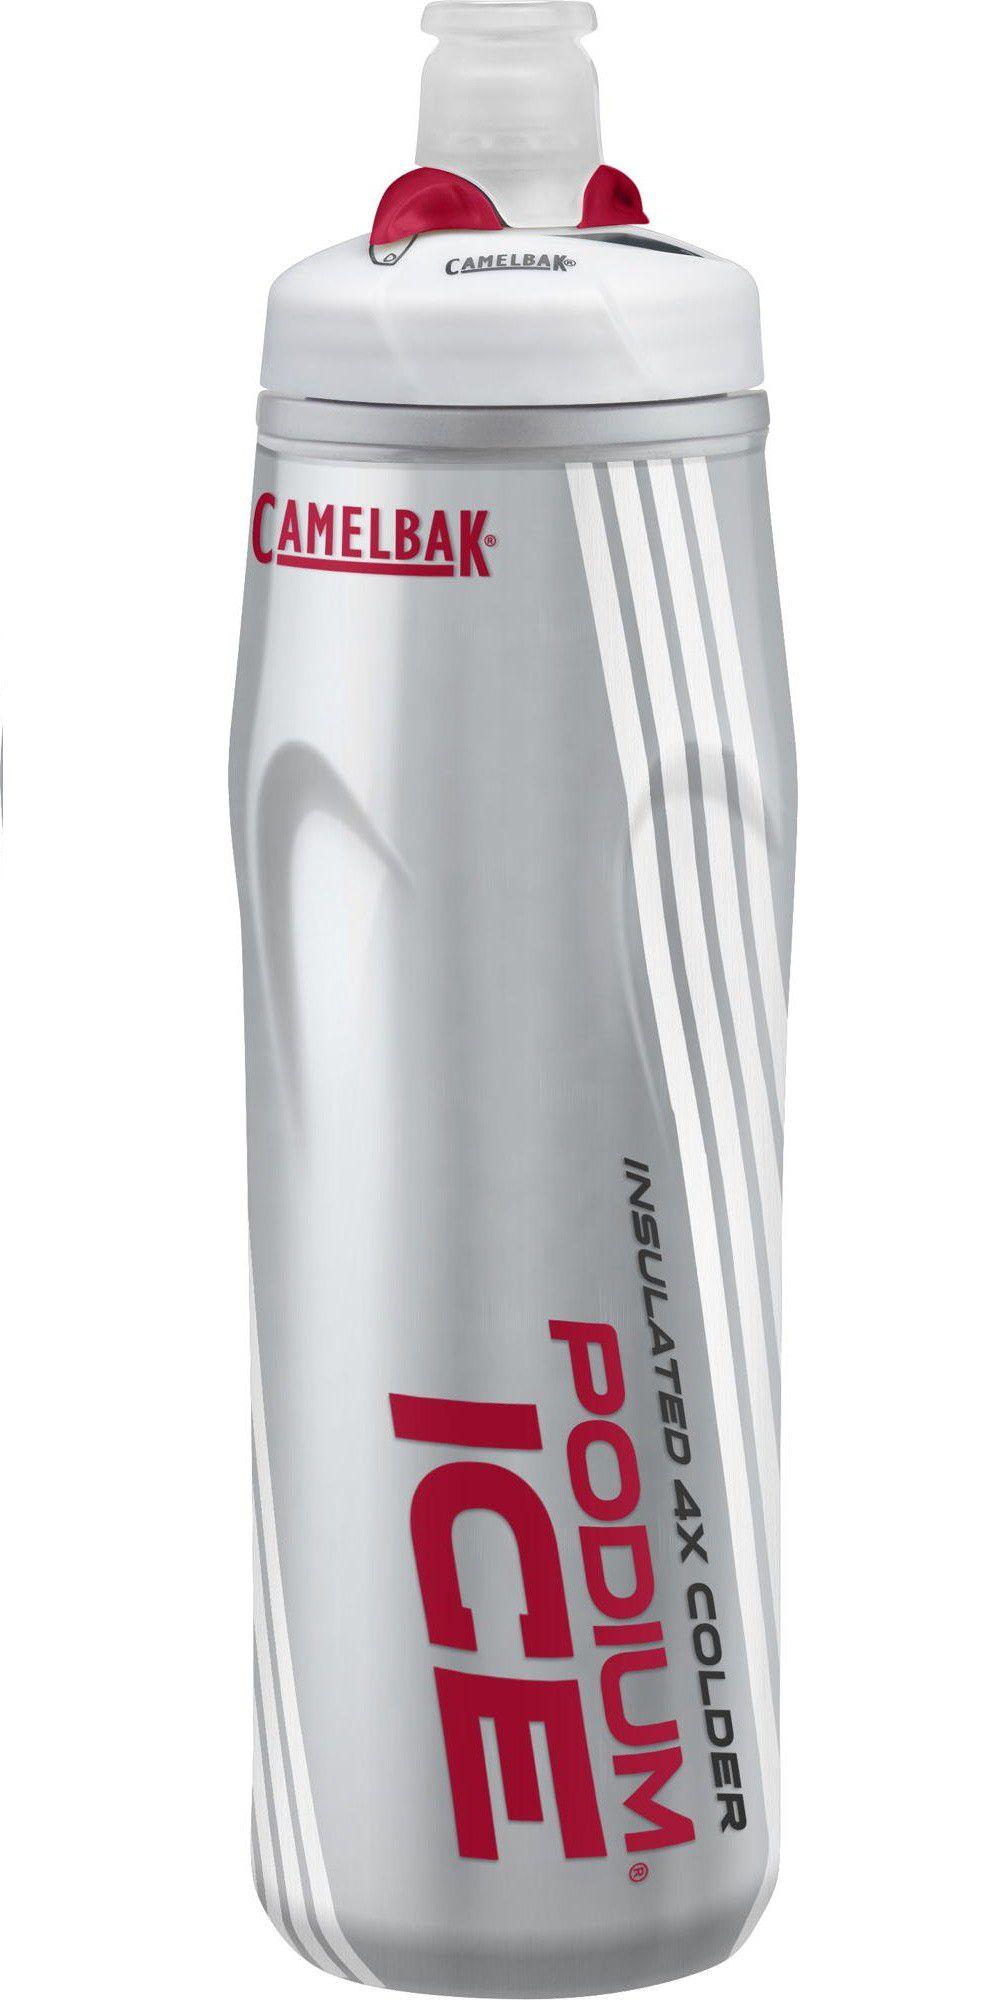 Caramanhola Térmica Camelbak Podium Ice 4x 620ml 4 Vezes Mais Térmica